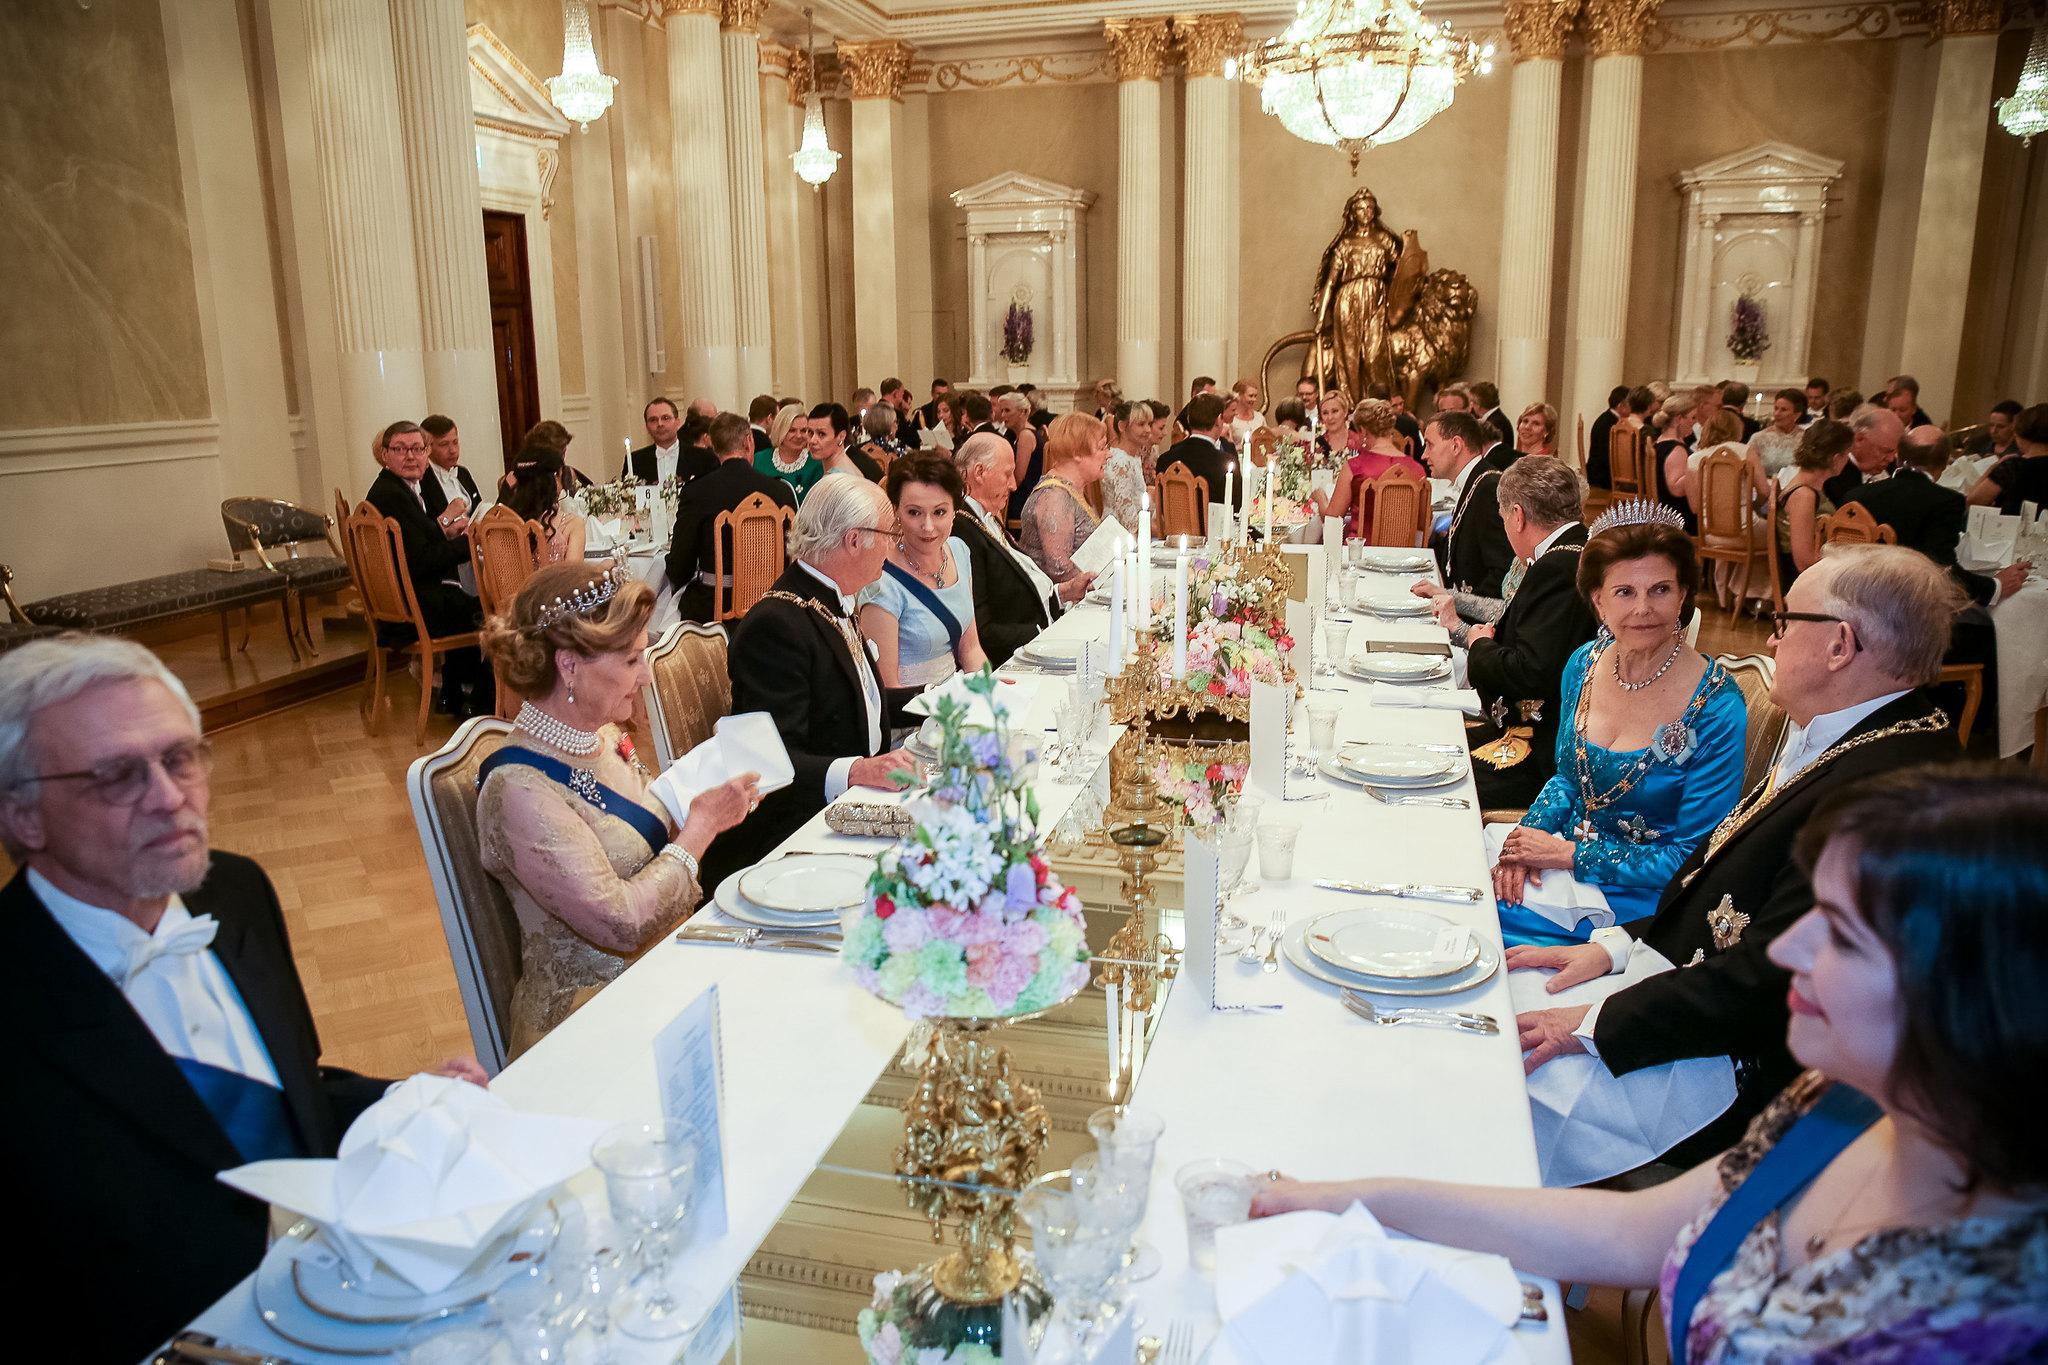 Pohjoismaiden valtionpäämiesten vierailu 1. kesäkuuta 2017 - Juhlapäivällinen Presidentinlinnassa